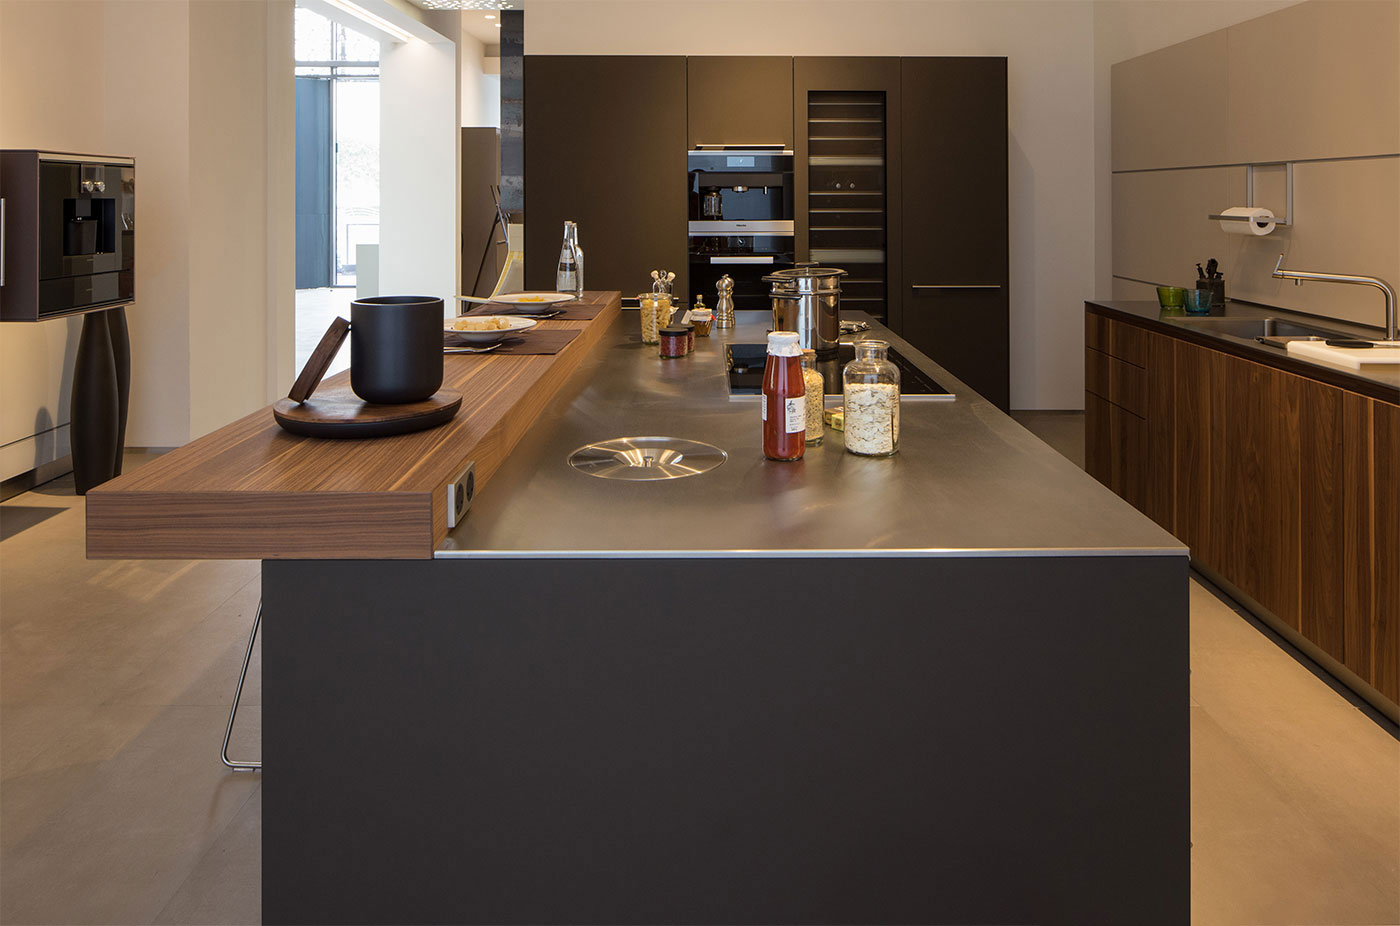 Obegi Home Bulthaup Kitchens Area 2